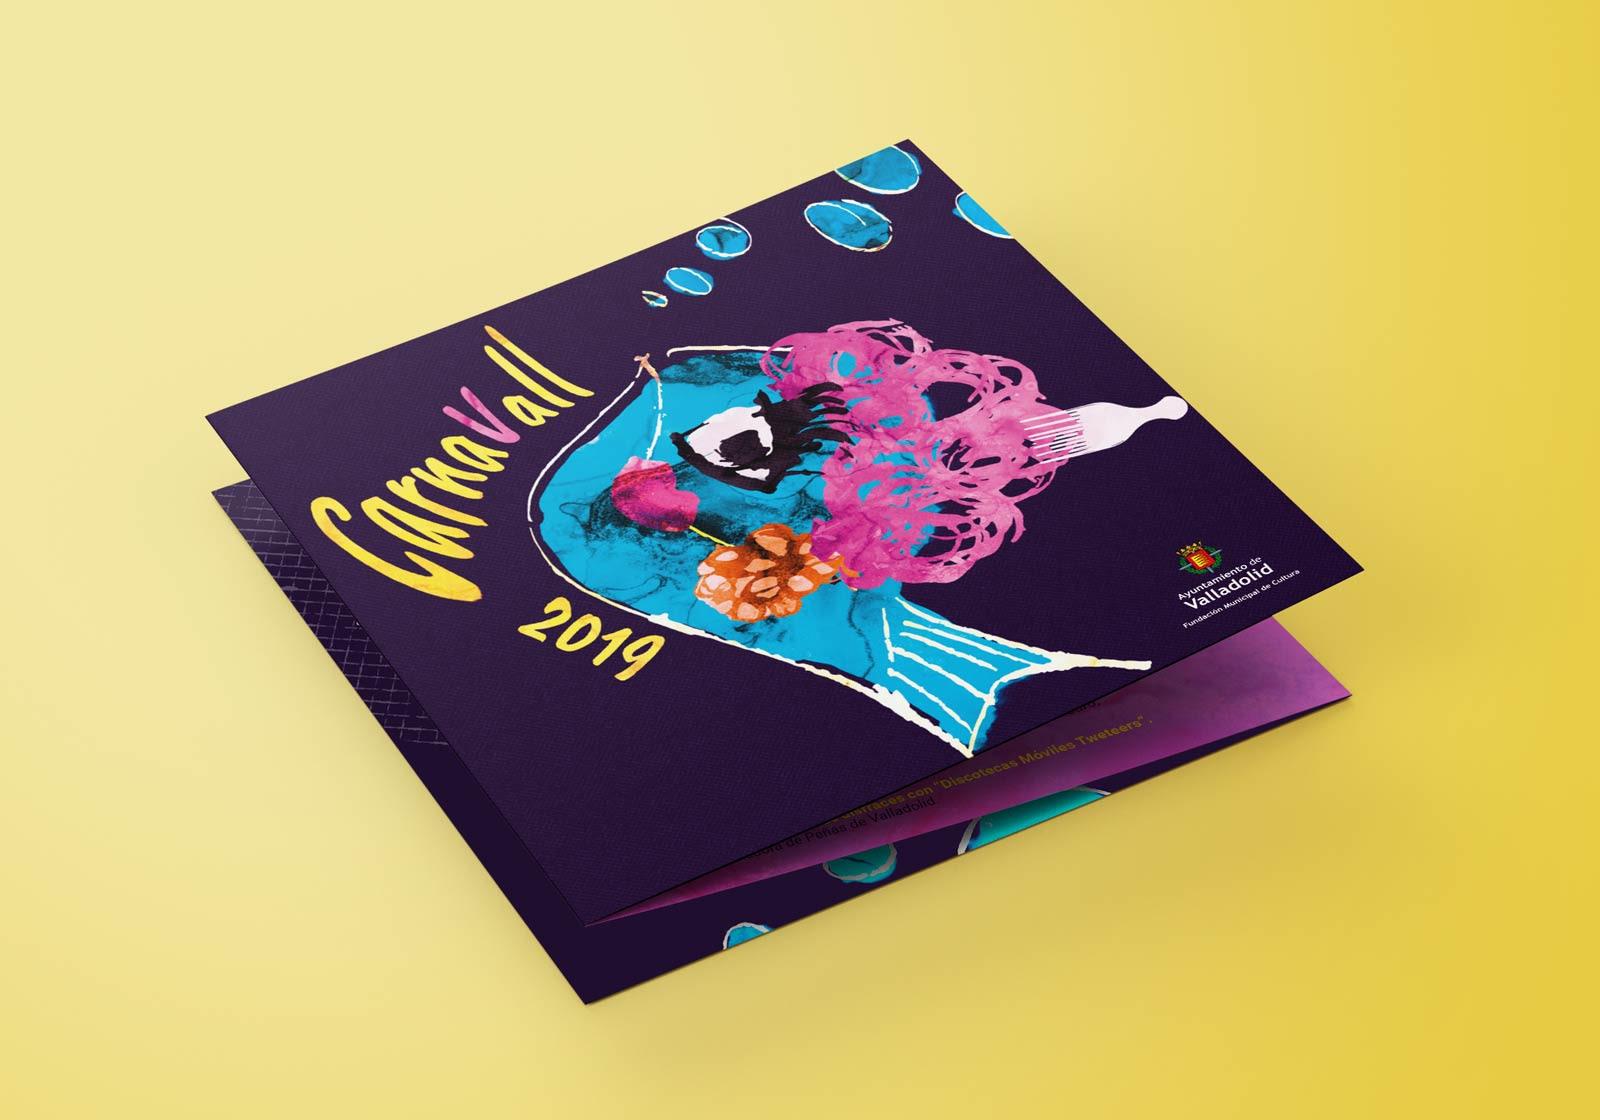 Programa - Campaña de publicidad - Carnavall 2019